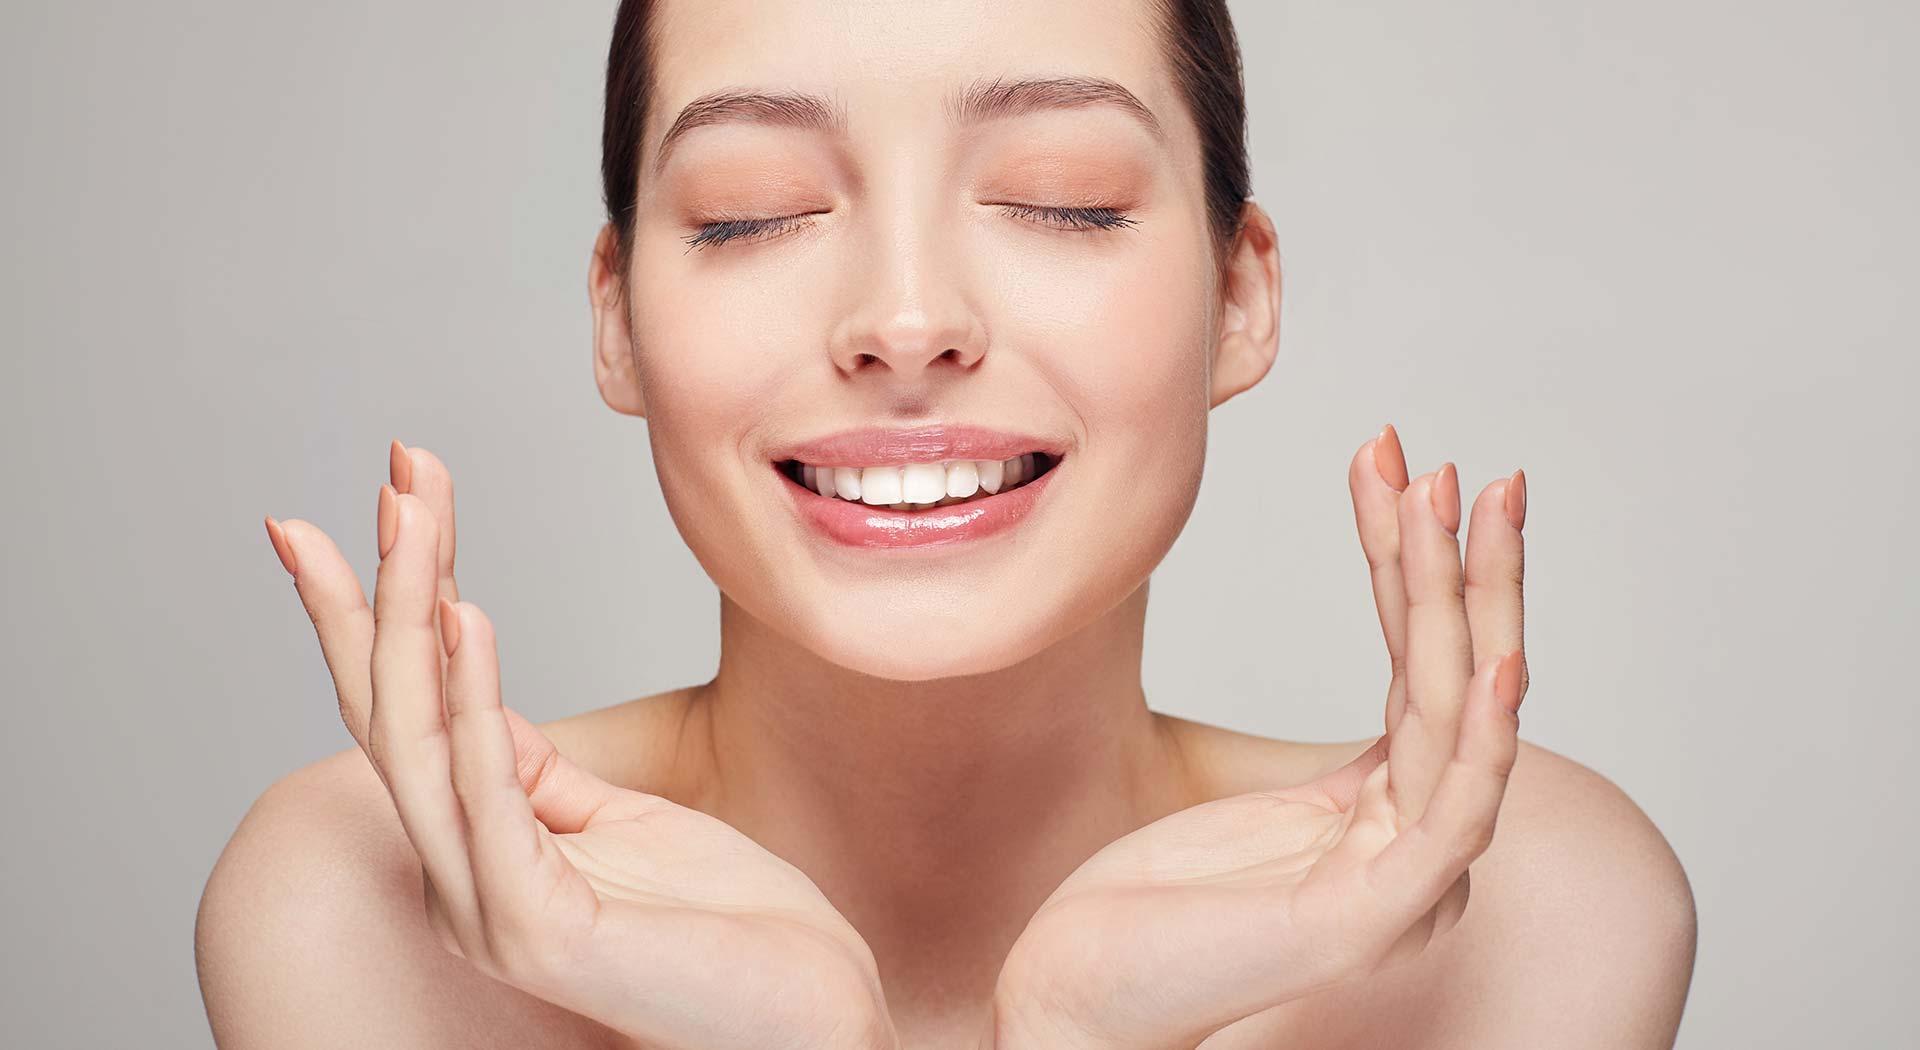 Consigue salud y bienestar con la medicina estética